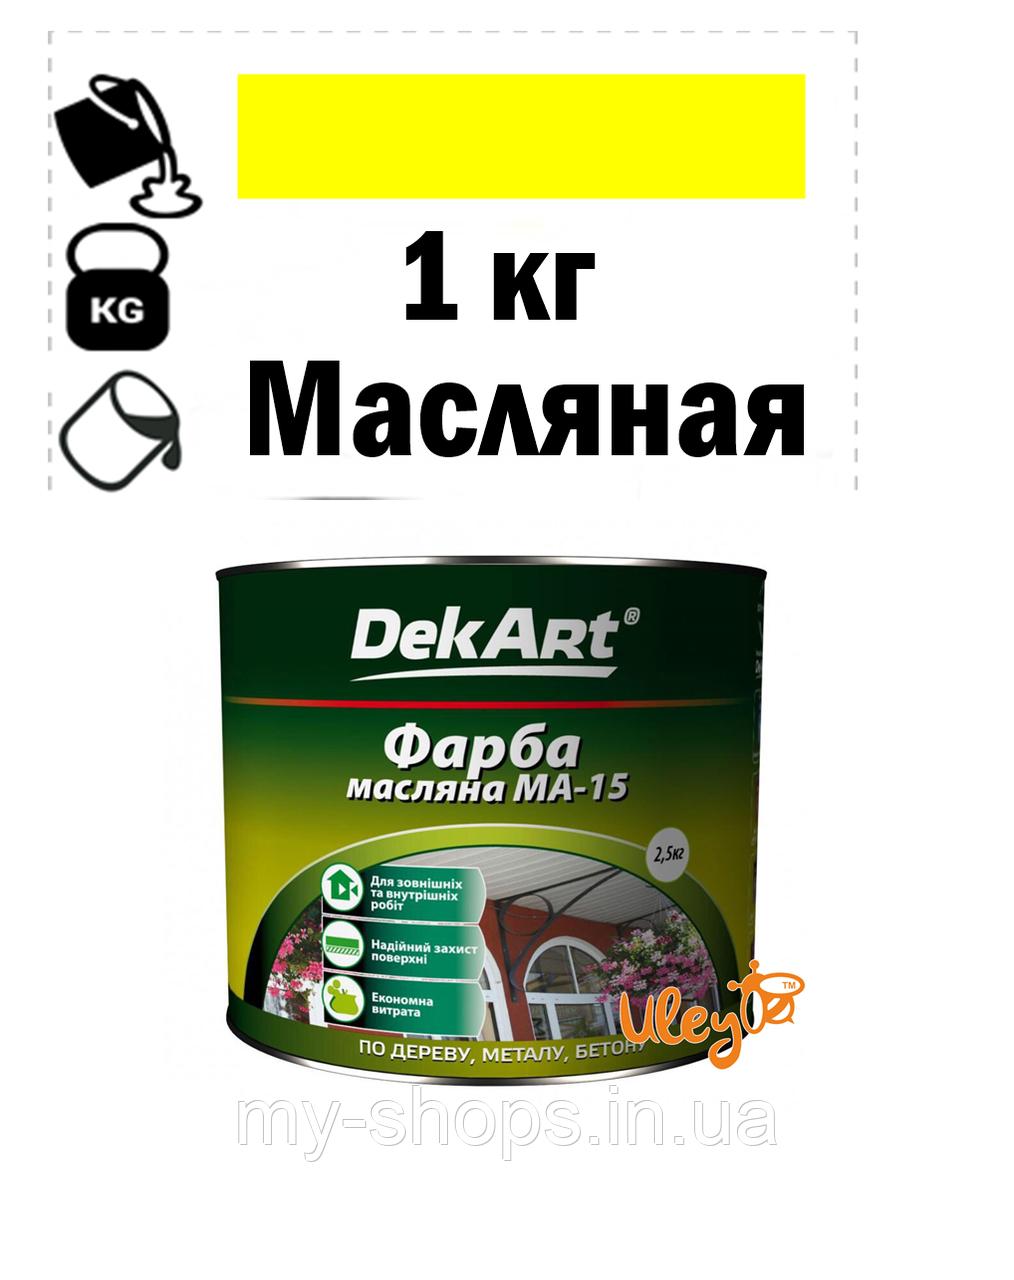 Краска для ульев, масляная MA-15 TM DekArt. Желтая – 1 кг